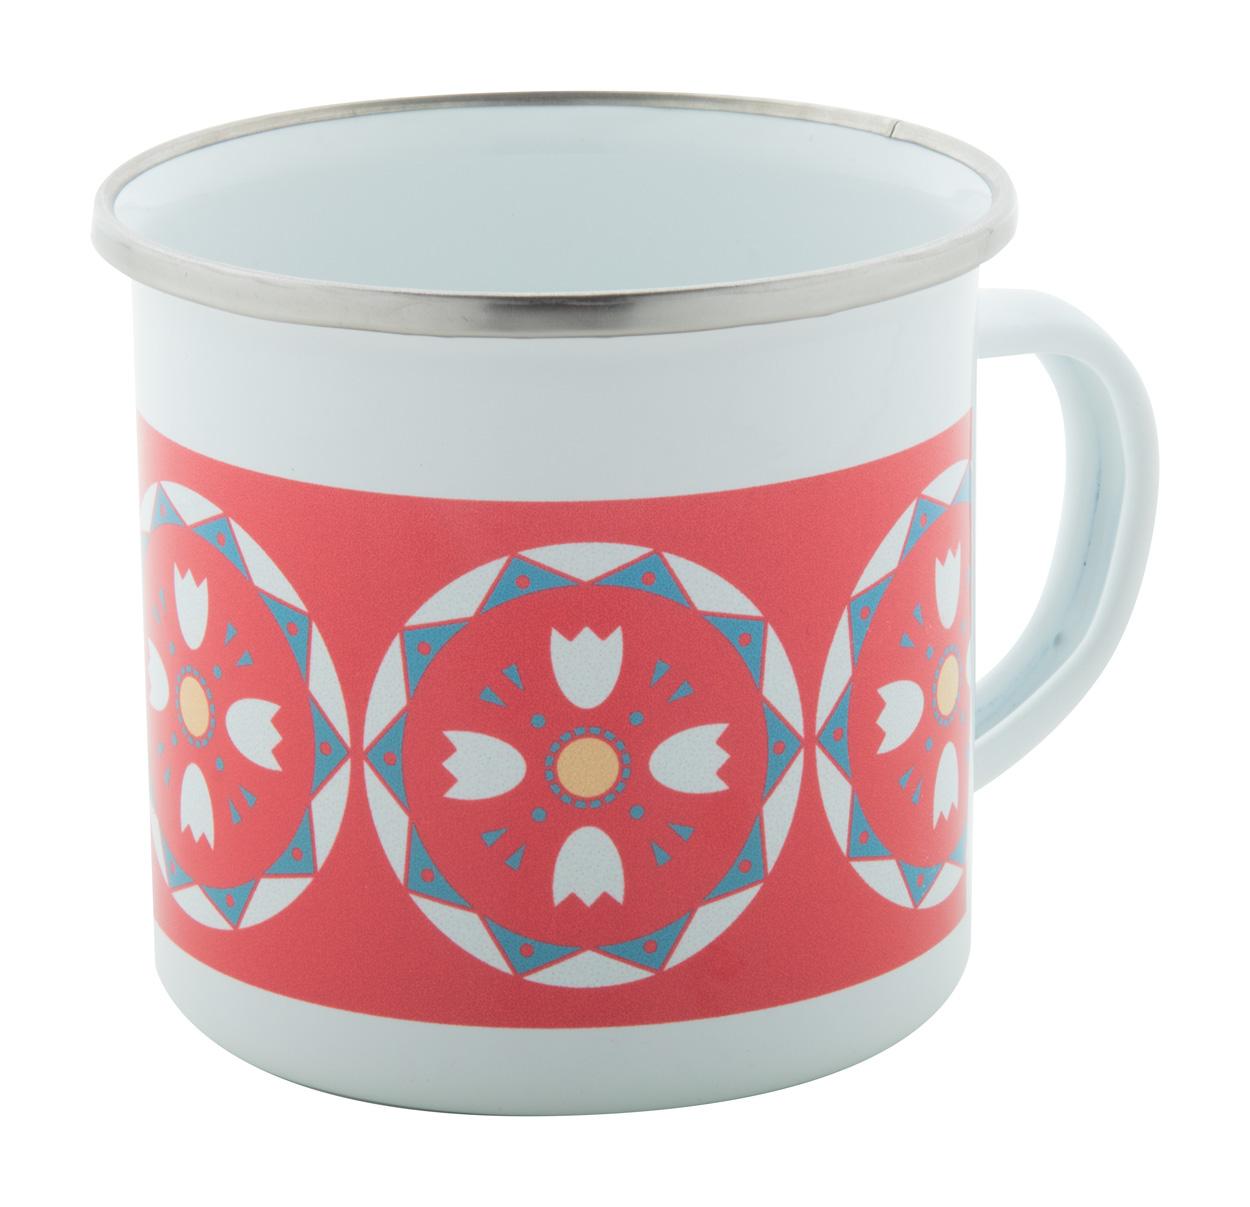 Subovint sublimation mug